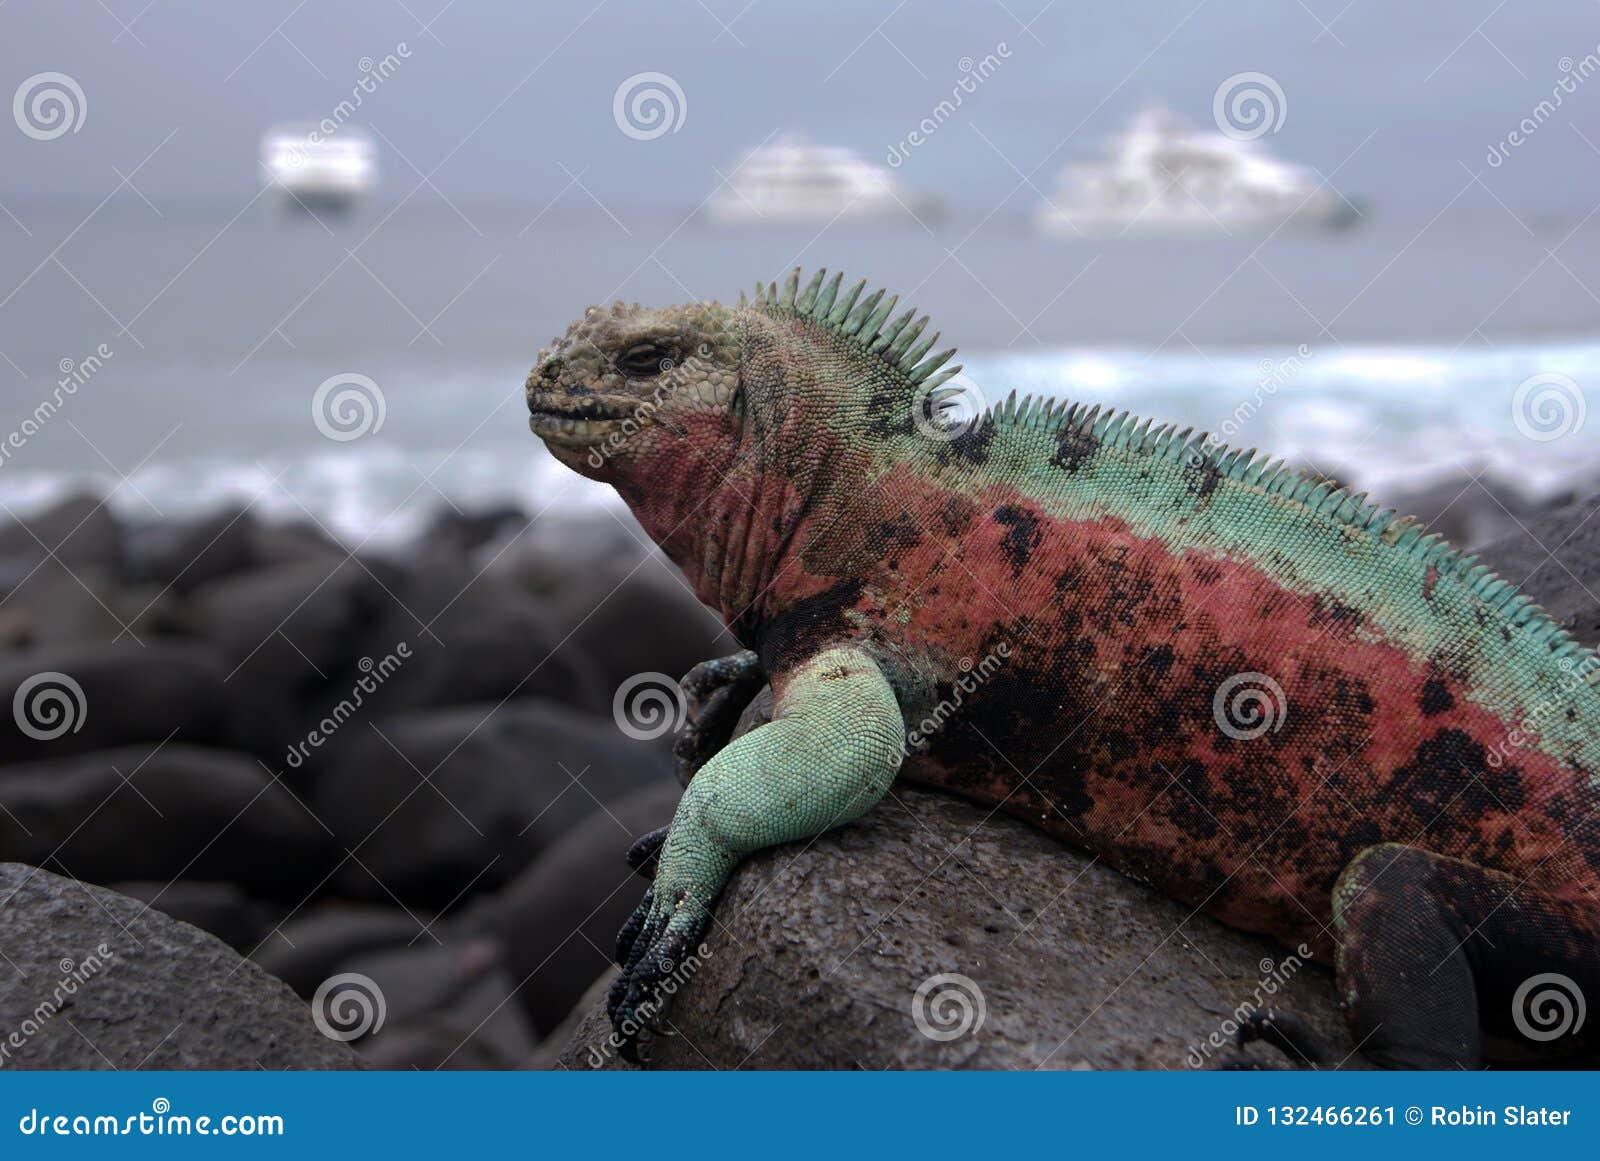 Игуана островов Галапагос морская греясь на вулканических породах